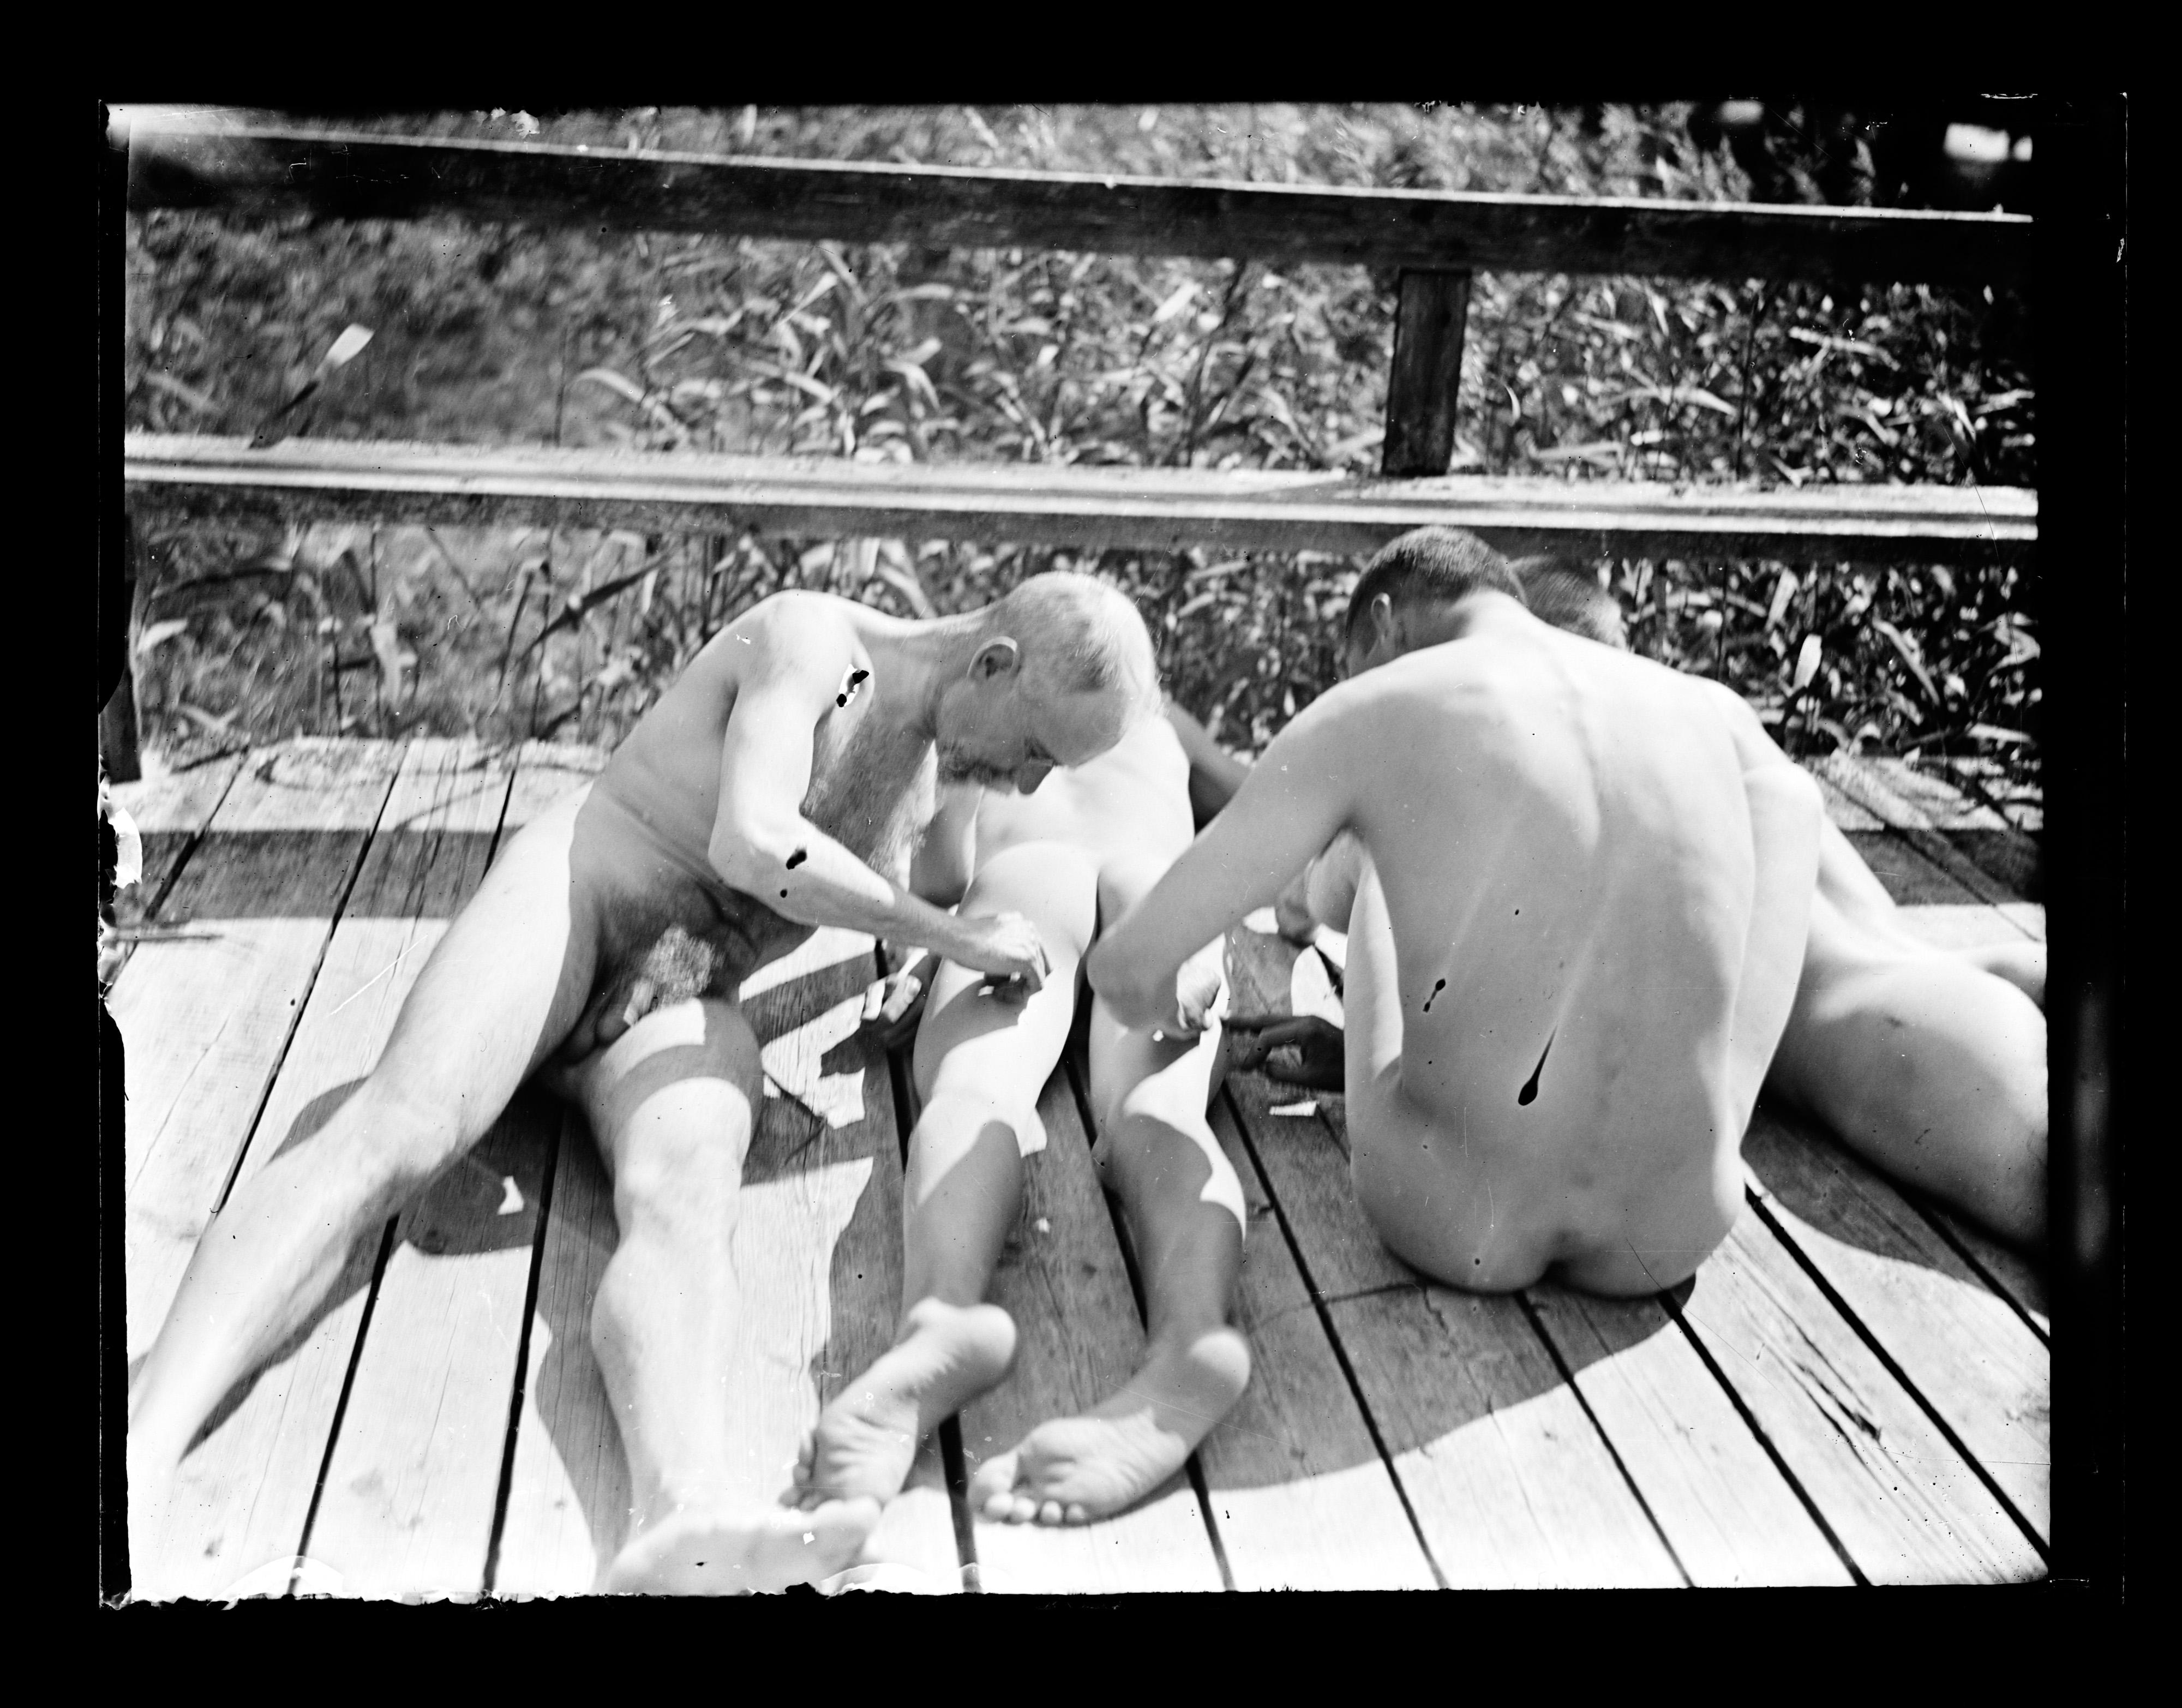 Svenska skådespelare nakna